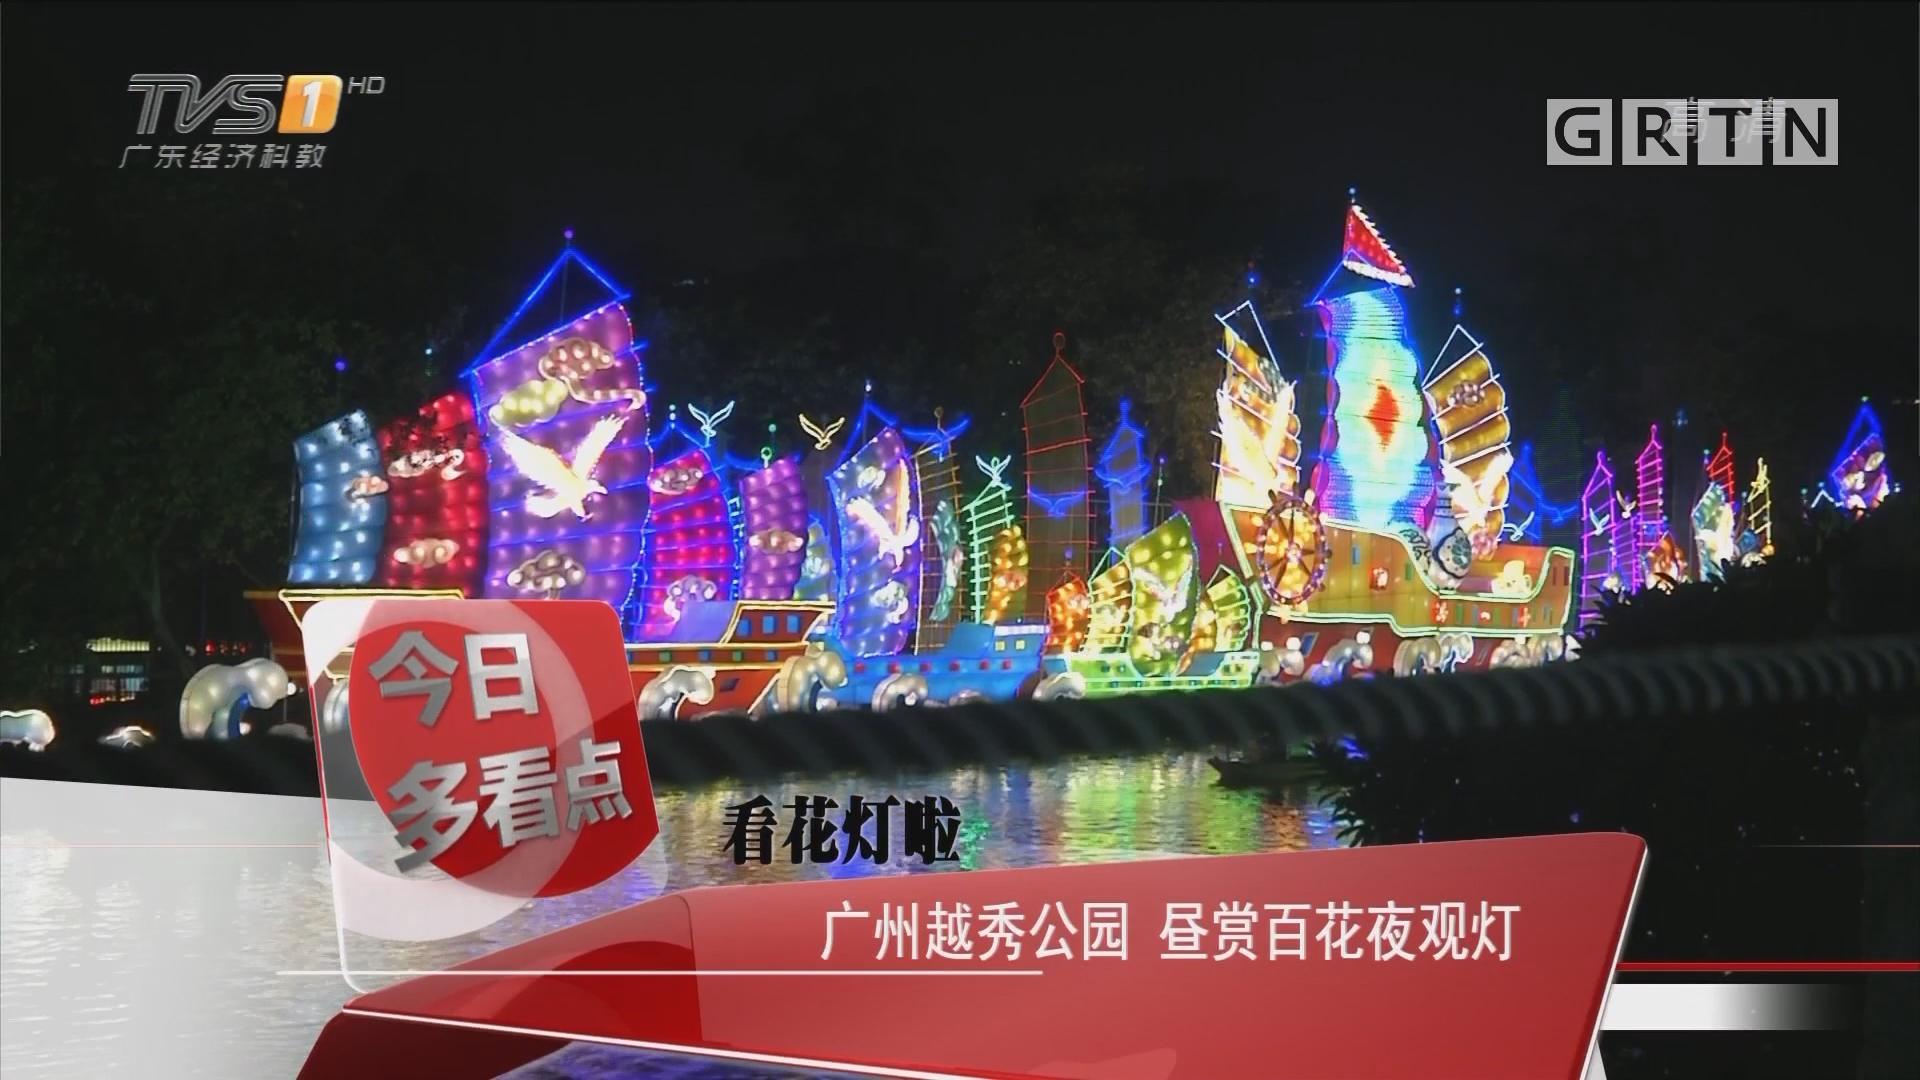 看花灯啦:广州越秀公园 昼赏百花夜观灯